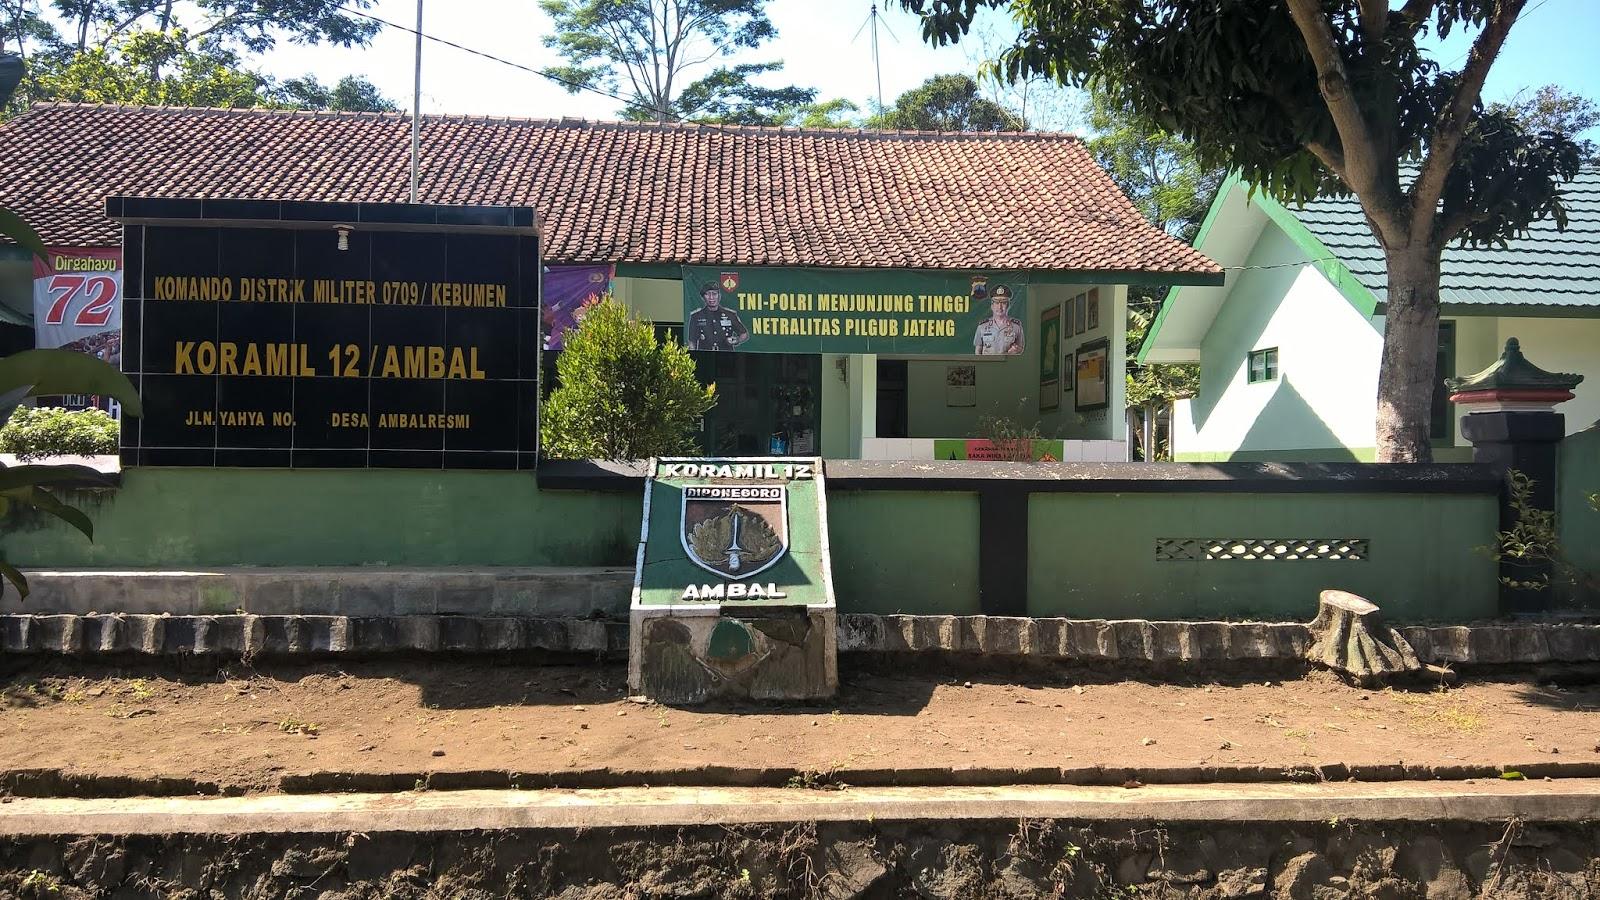 Kantor Koramil 12 Ambal Kebumen